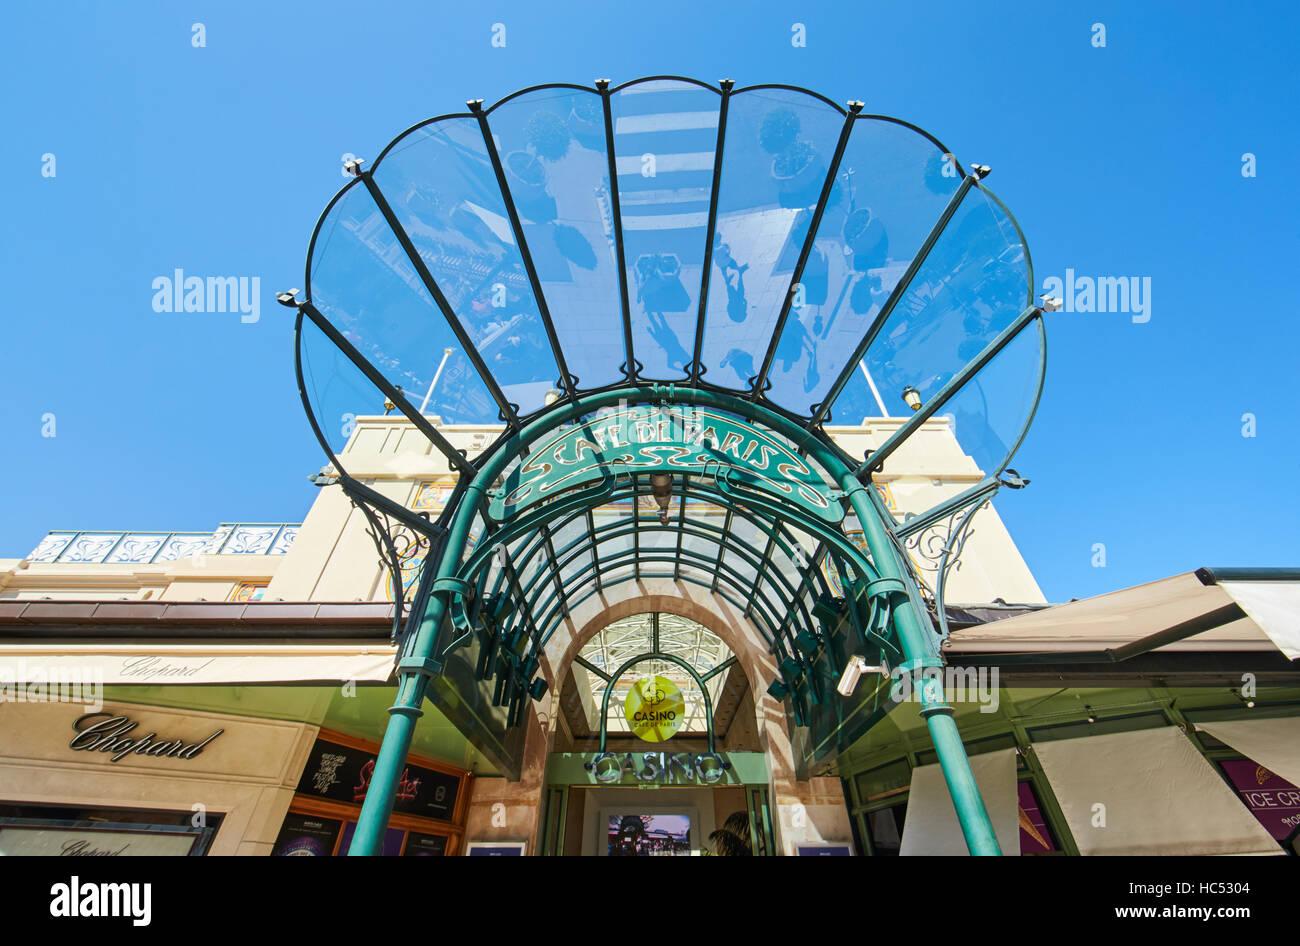 Casino de Paris, Casino Monte-Carlo, Casino Royal, turisti, costose automobili, facciata edificio, miliardari, giornata Immagini Stock